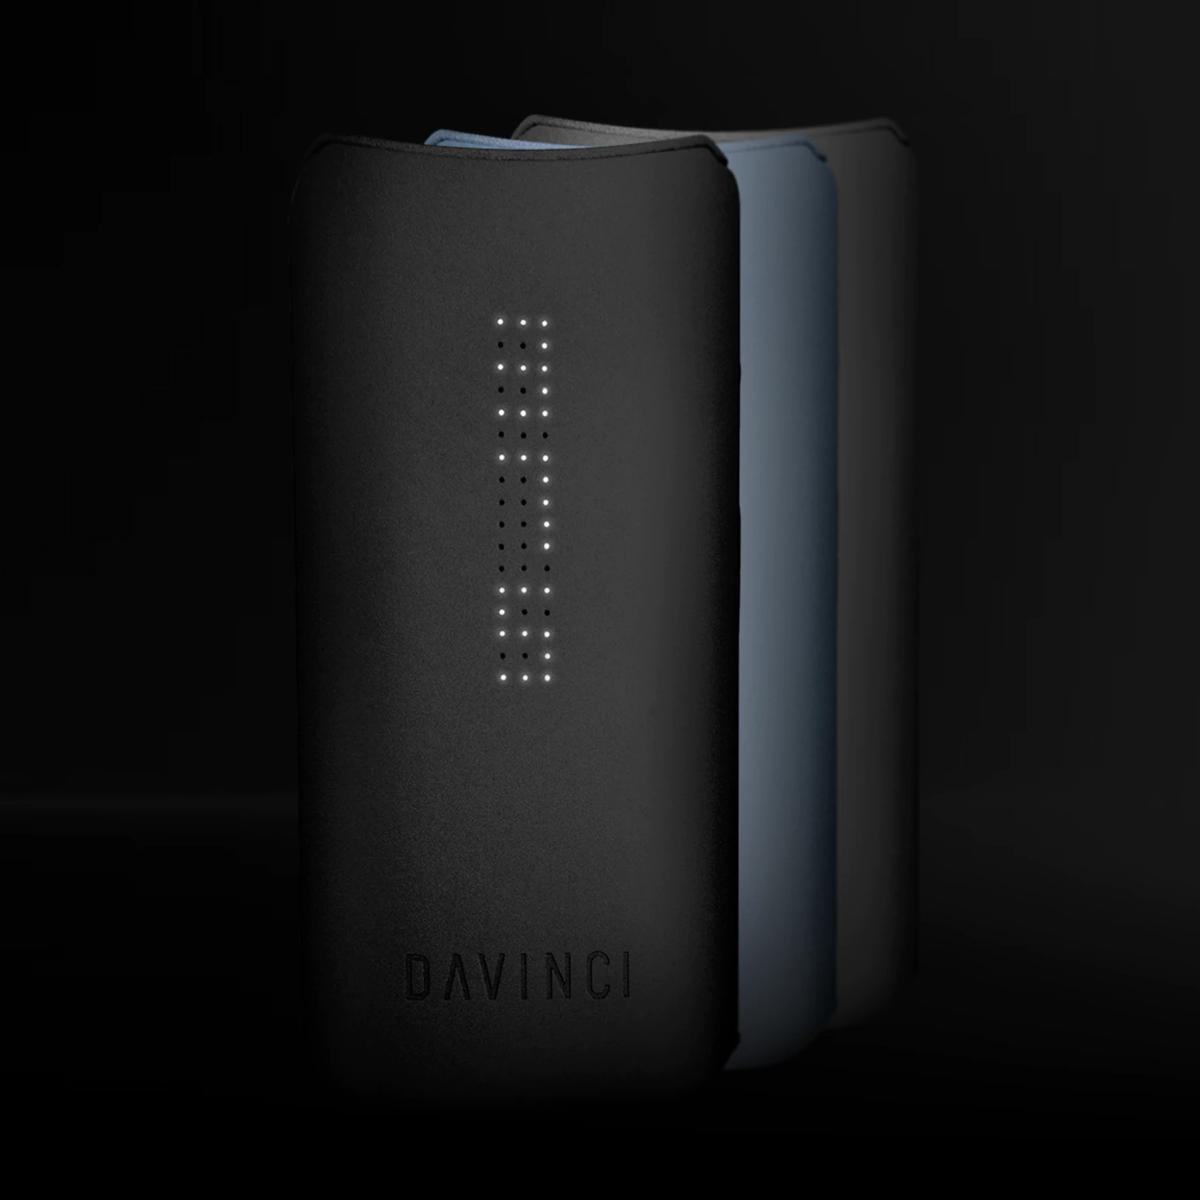 DaVinci IQ Portable Vaporizer - 3 Different Color Models